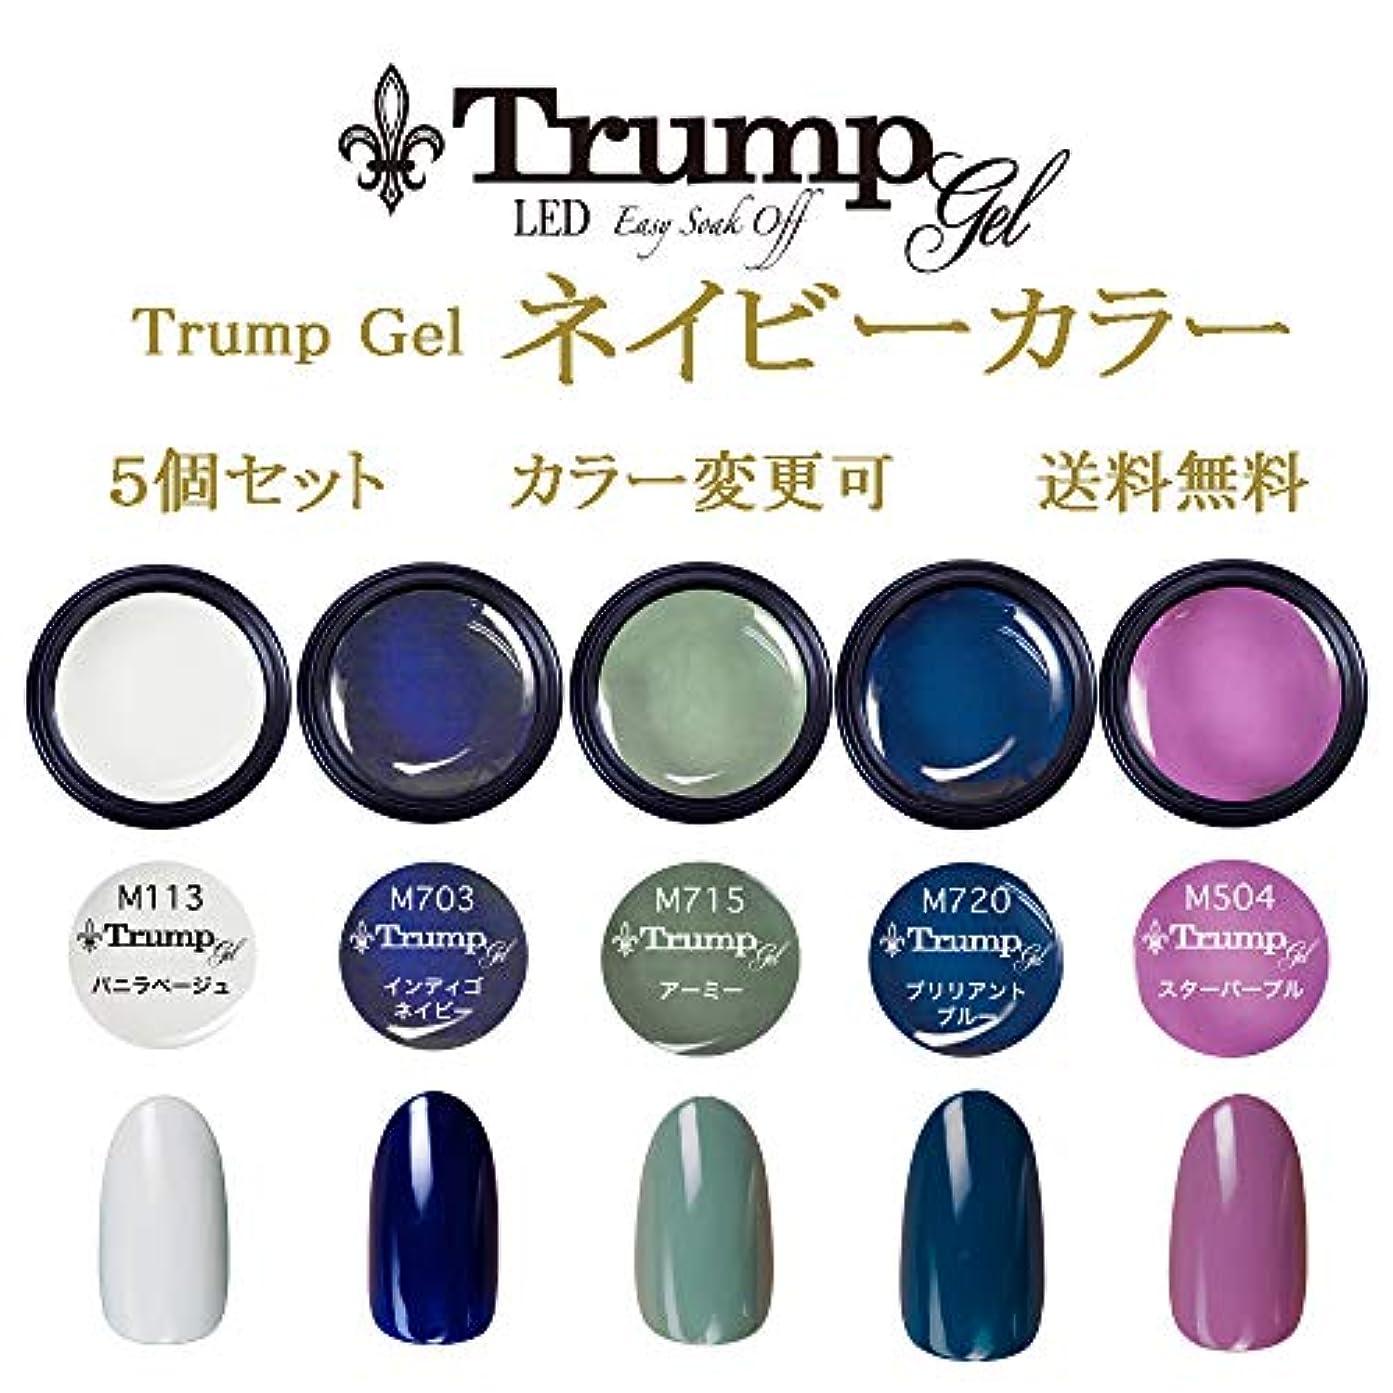 感覚起点ダンプ日本製 Trump gel トランプジェル ネイビーカラー 選べる カラージェル 5個セット ホワイト ブルー ネイビー パープル カーキ グリーン